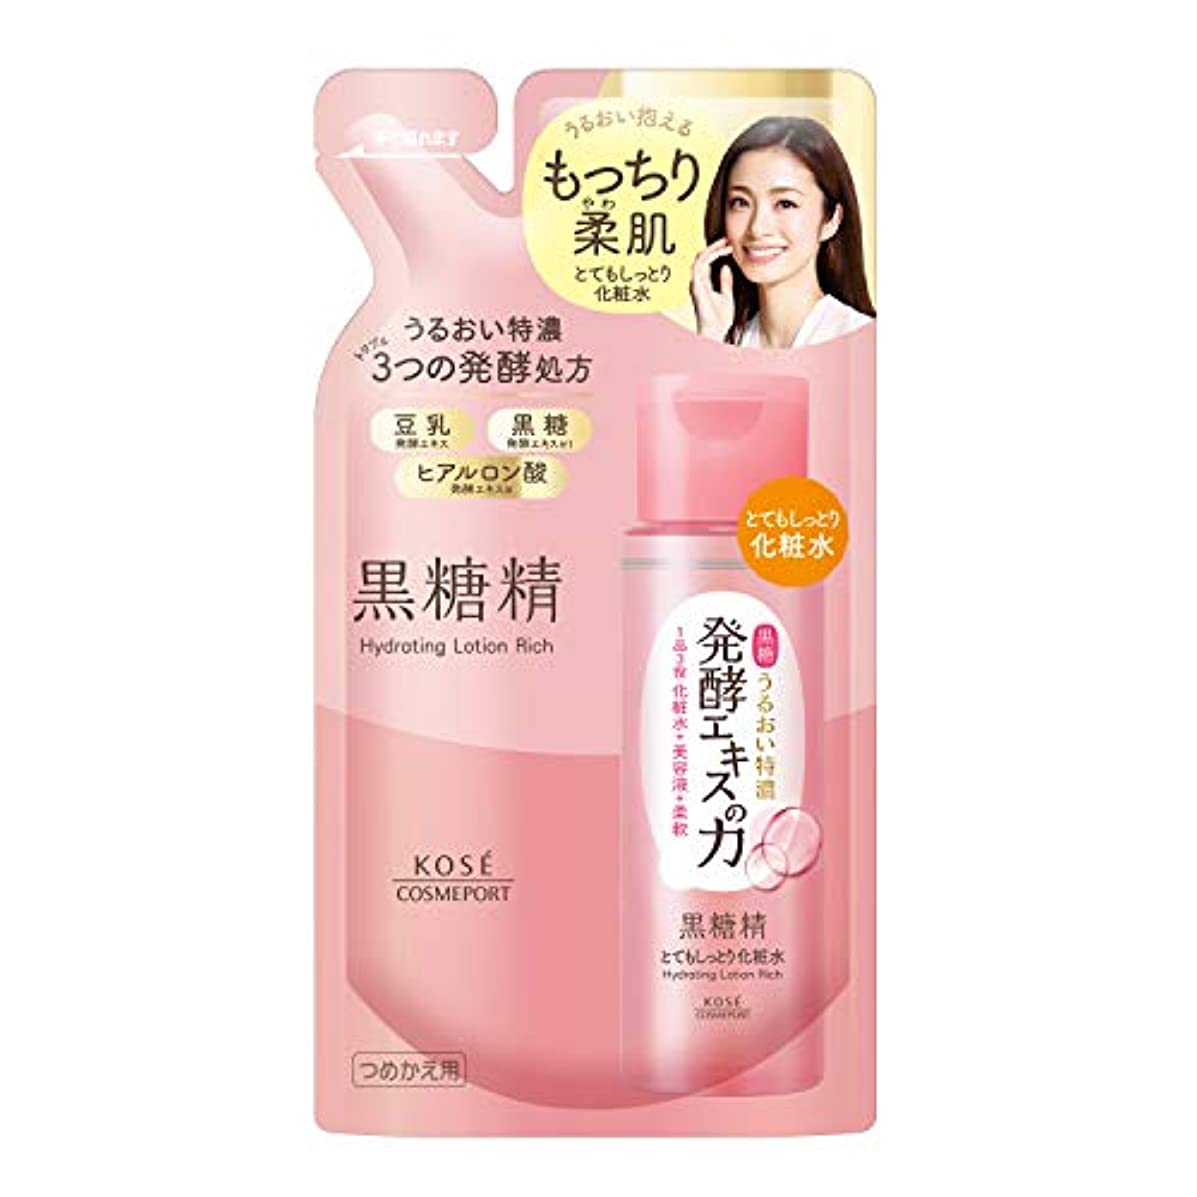 豪華な定期的にマイルストーンKOSE 黒糖精 とてもしっとり化粧水 つめかえ 160mL